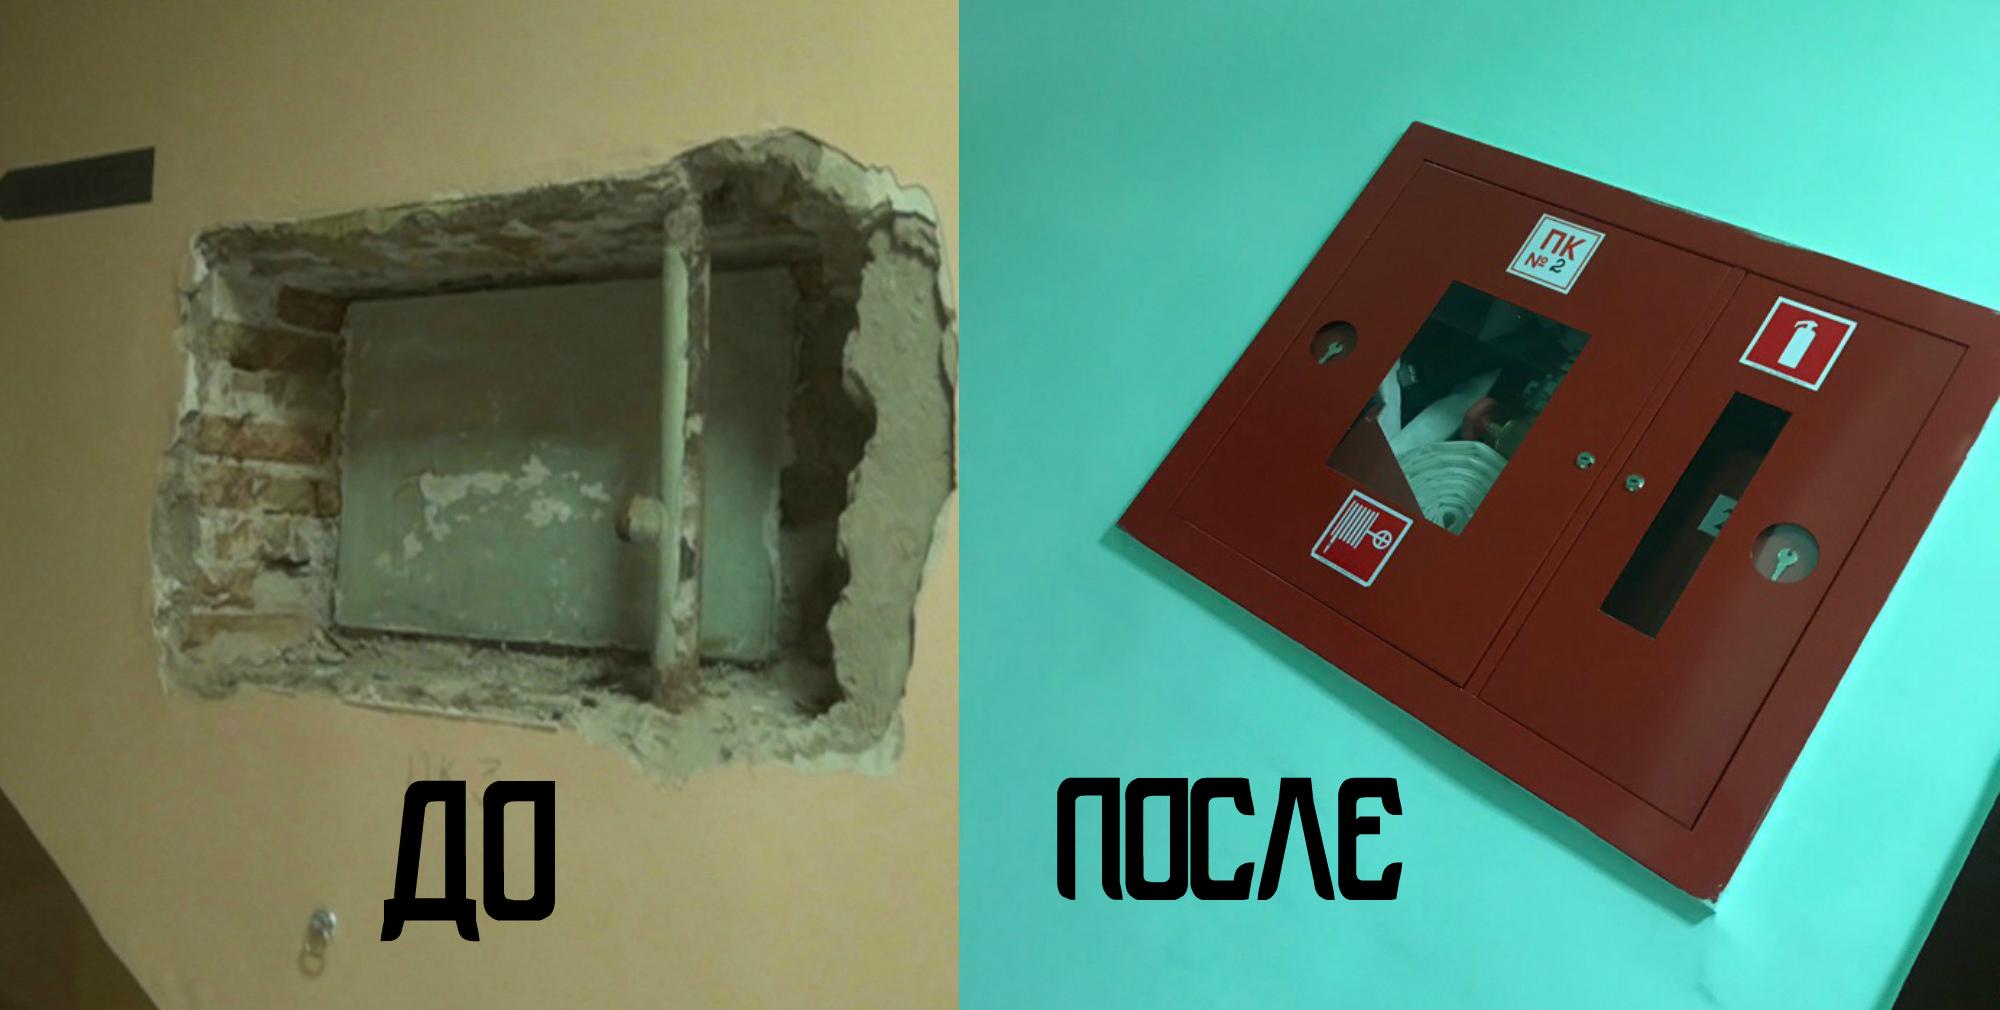 До-после  Замена пожарных кранов и покраска стен в театре